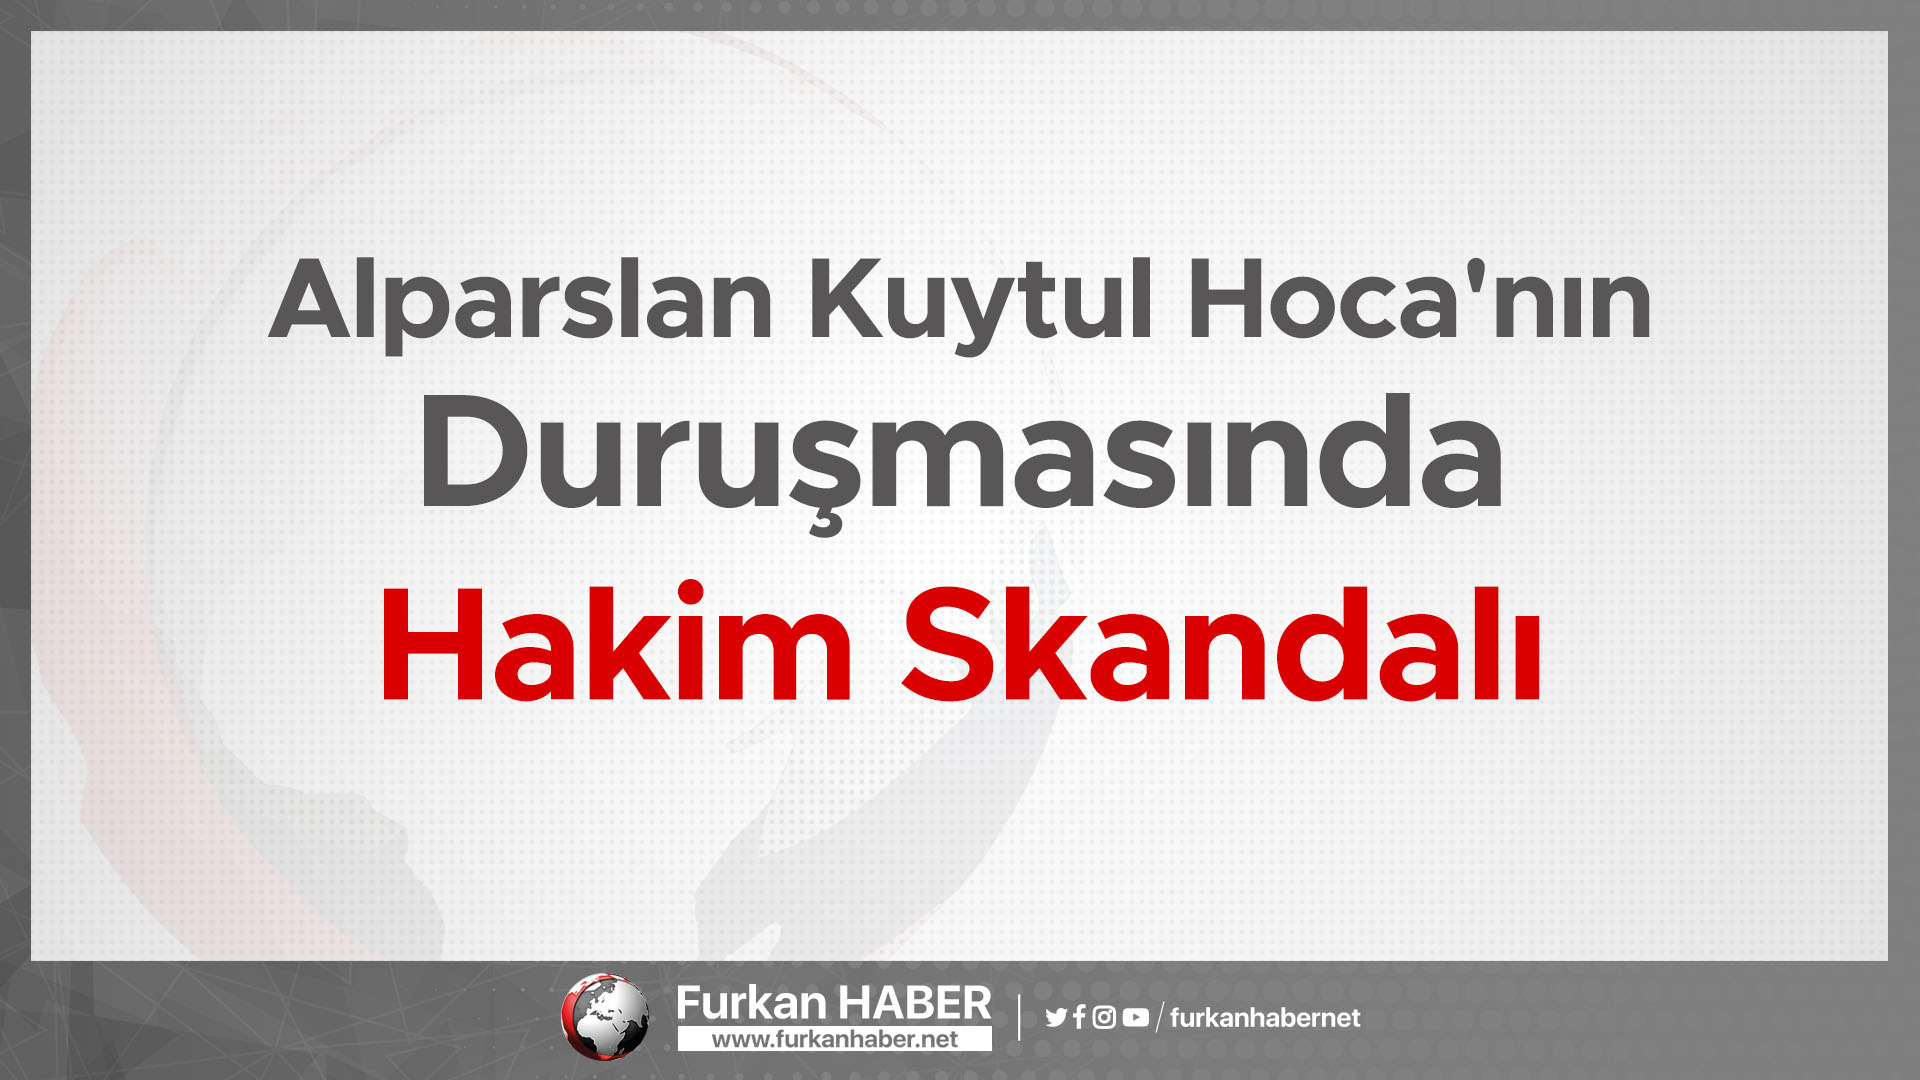 Alparslan Kuytul Hoca'nın Duruşmasında Hakim Skandalı